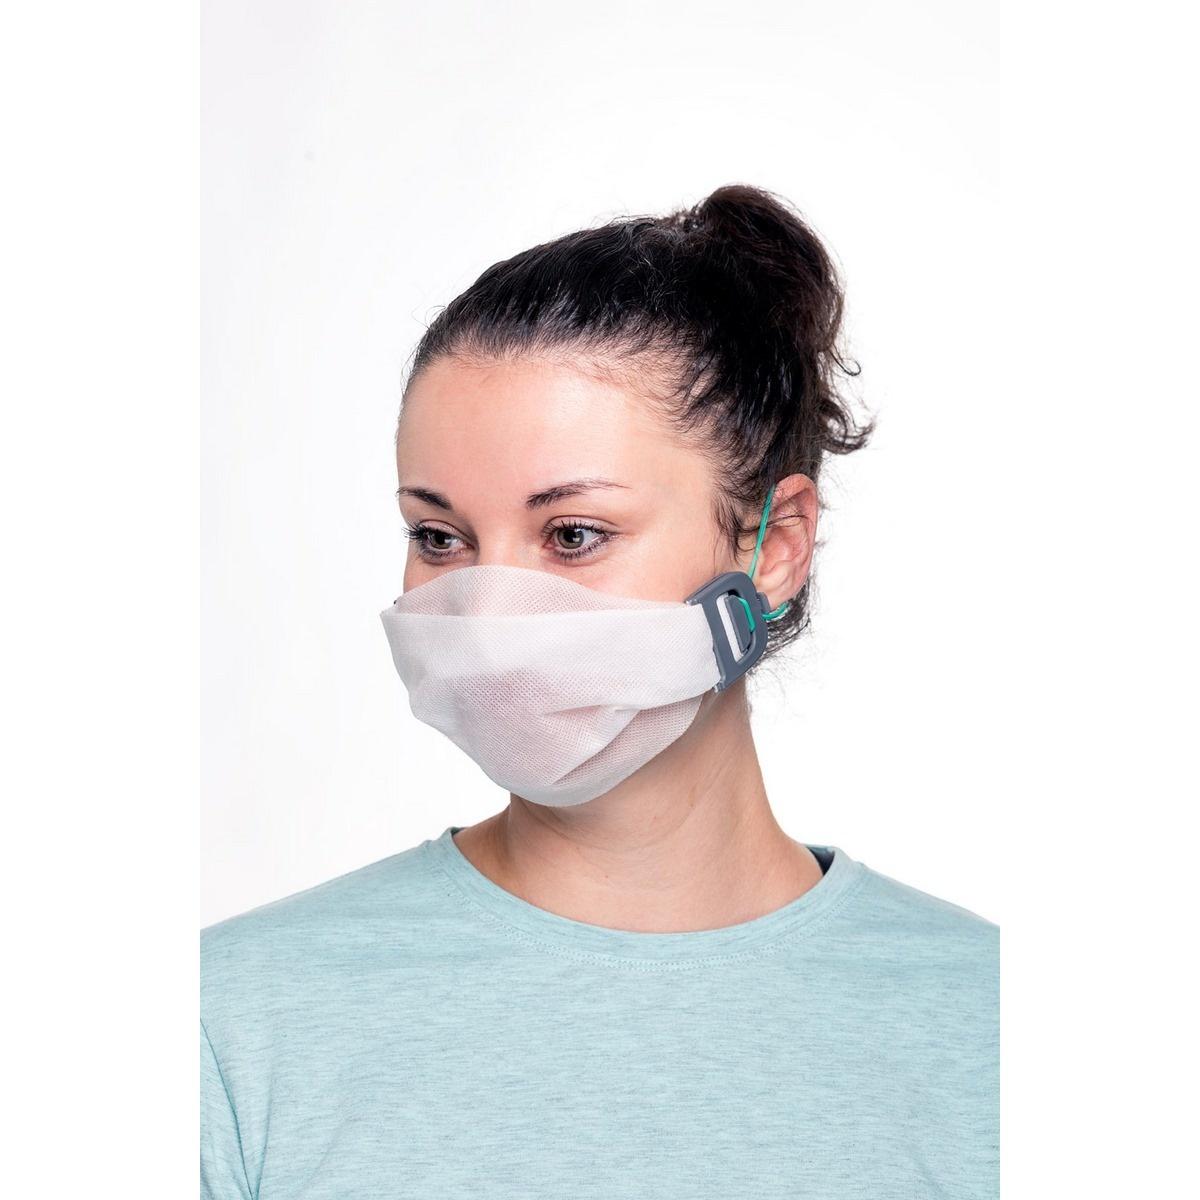 Plastia Clemă pentru mască galbenă S imagine 2021 e4home.ro